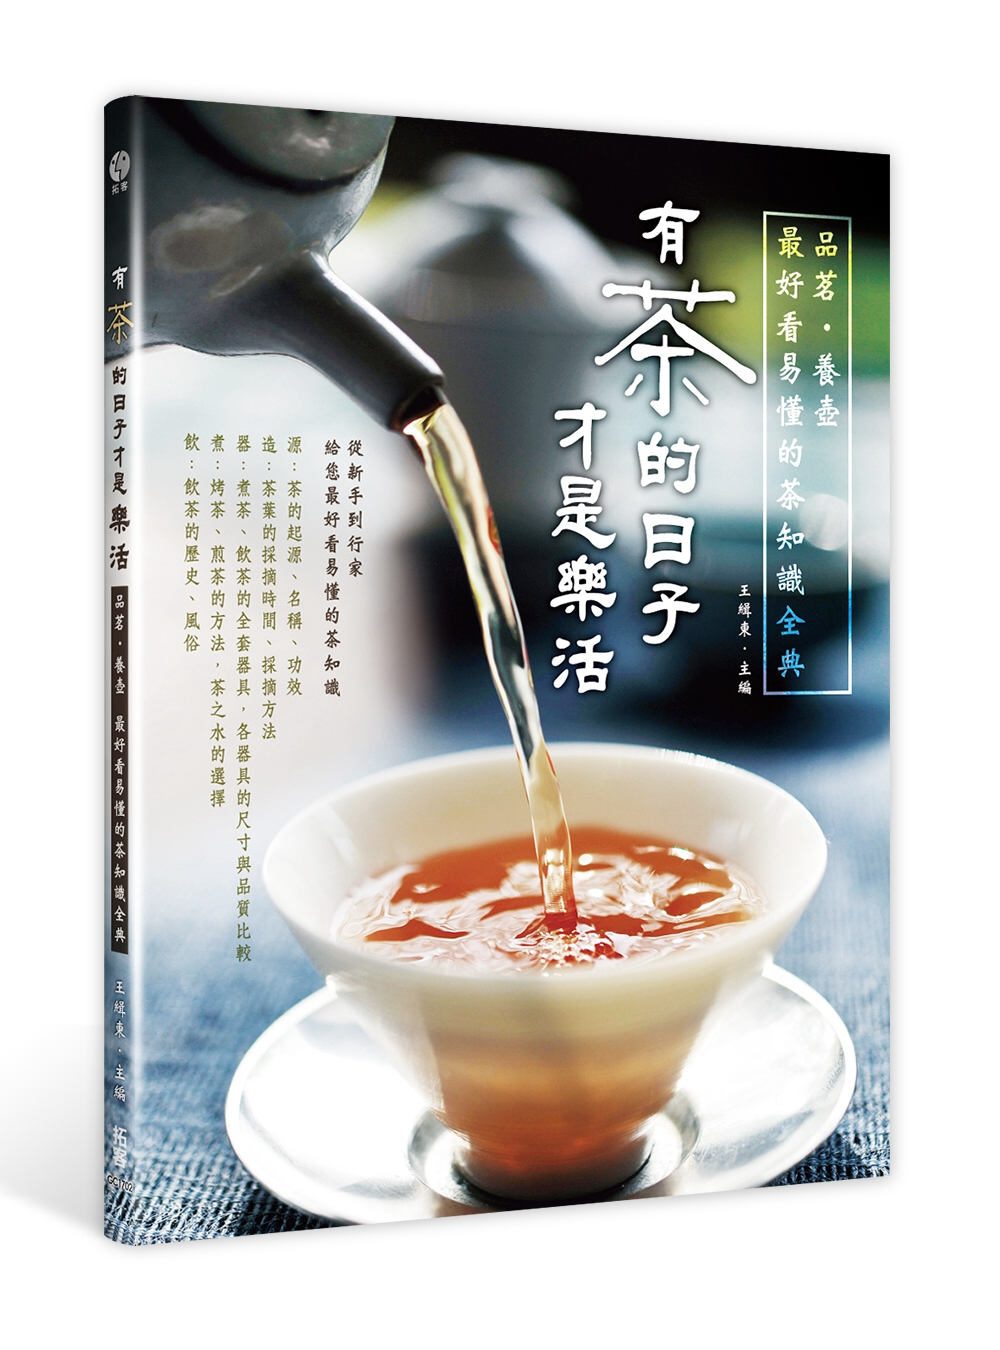 有茶的日子,才是樂活:品茗‧養壺,最好看易懂的茶知識全典